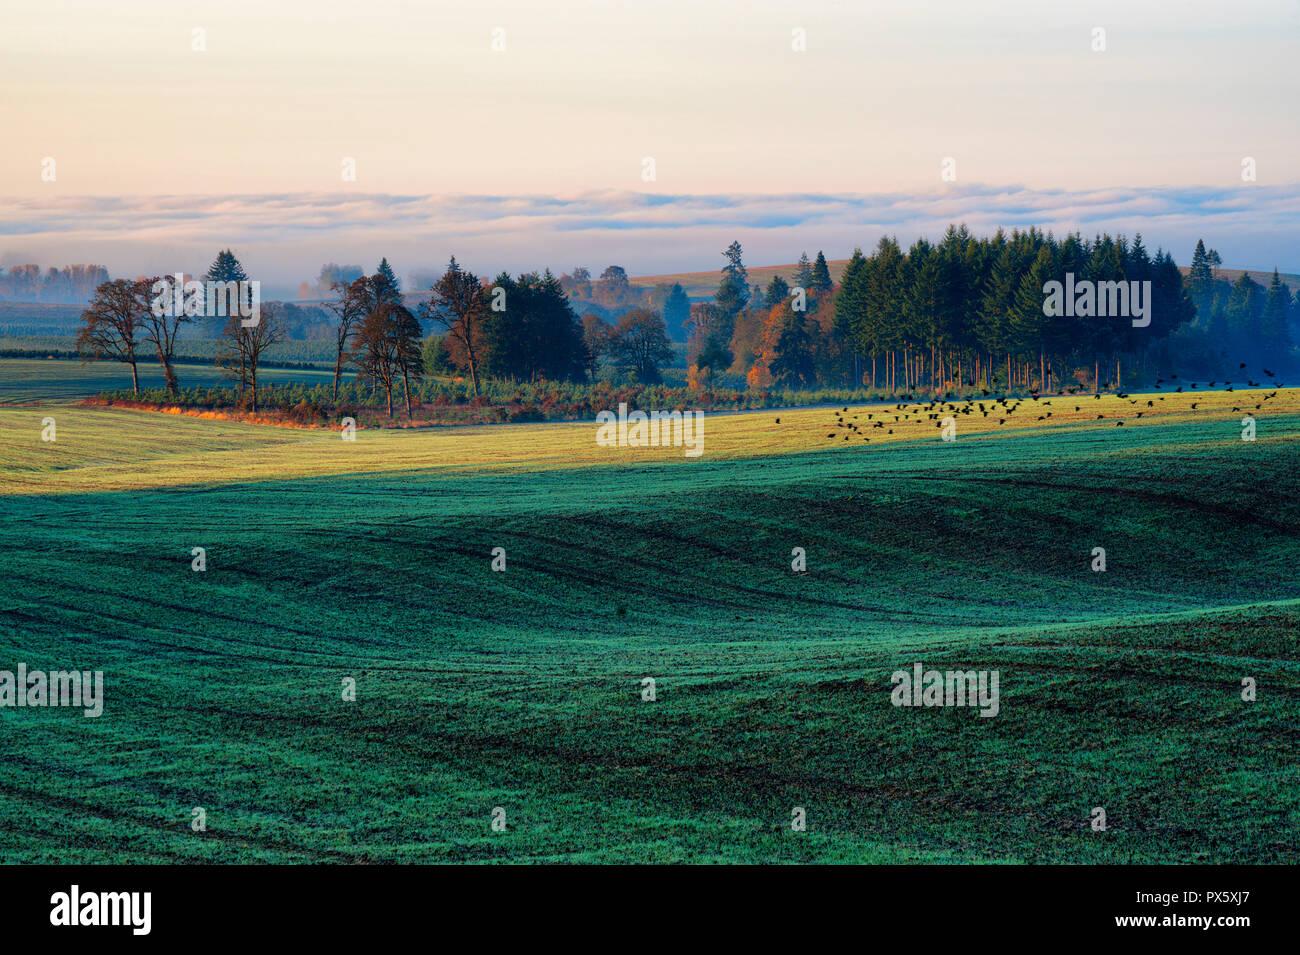 Lever tôt le matin allège le sol ferme en brûlant du brouillard au sol, perdure encore que chez les arbres, alors que les oiseaux noirs s'envolent, près de Aumsville Photo Stock